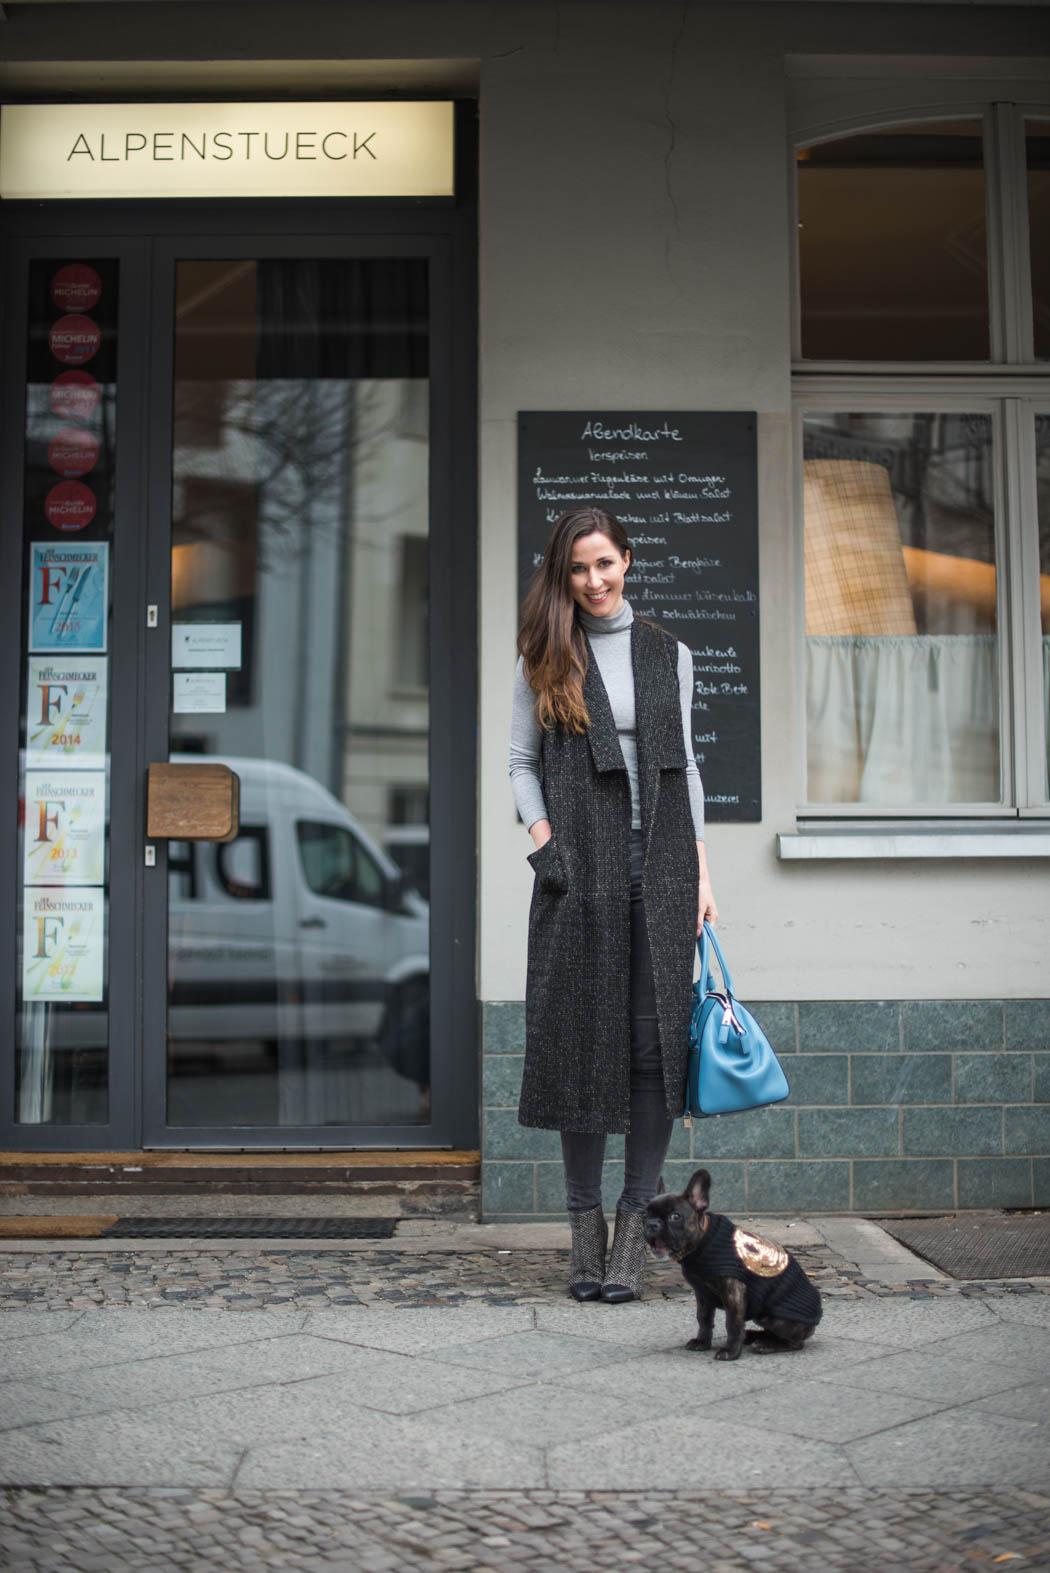 Lanvin-Ankleboots-Marc-Jacobs-Incognito-Fashionblogger-München-Deutschland-Fashionblog-10